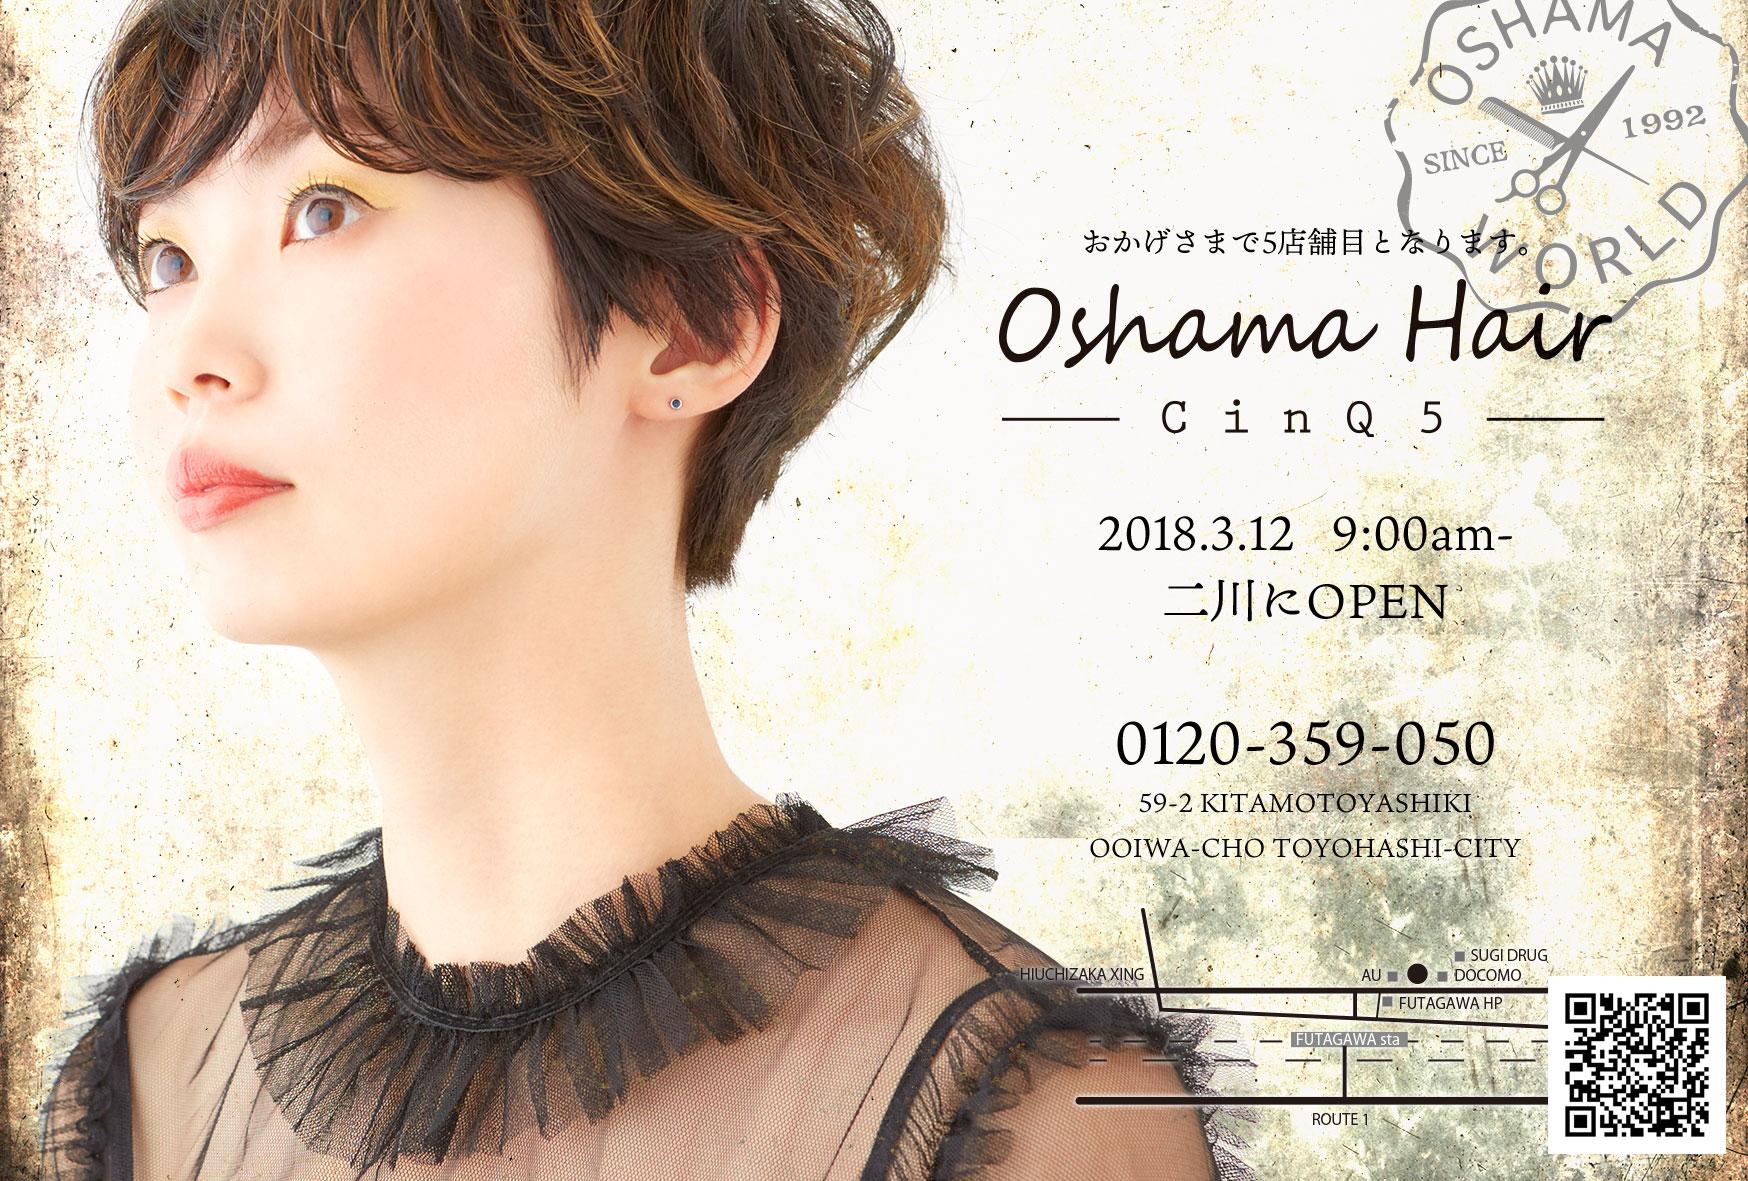 美容室オシャマヘアーCinQ二川店2018年3月12日オープン!豊橋市大岩町にて